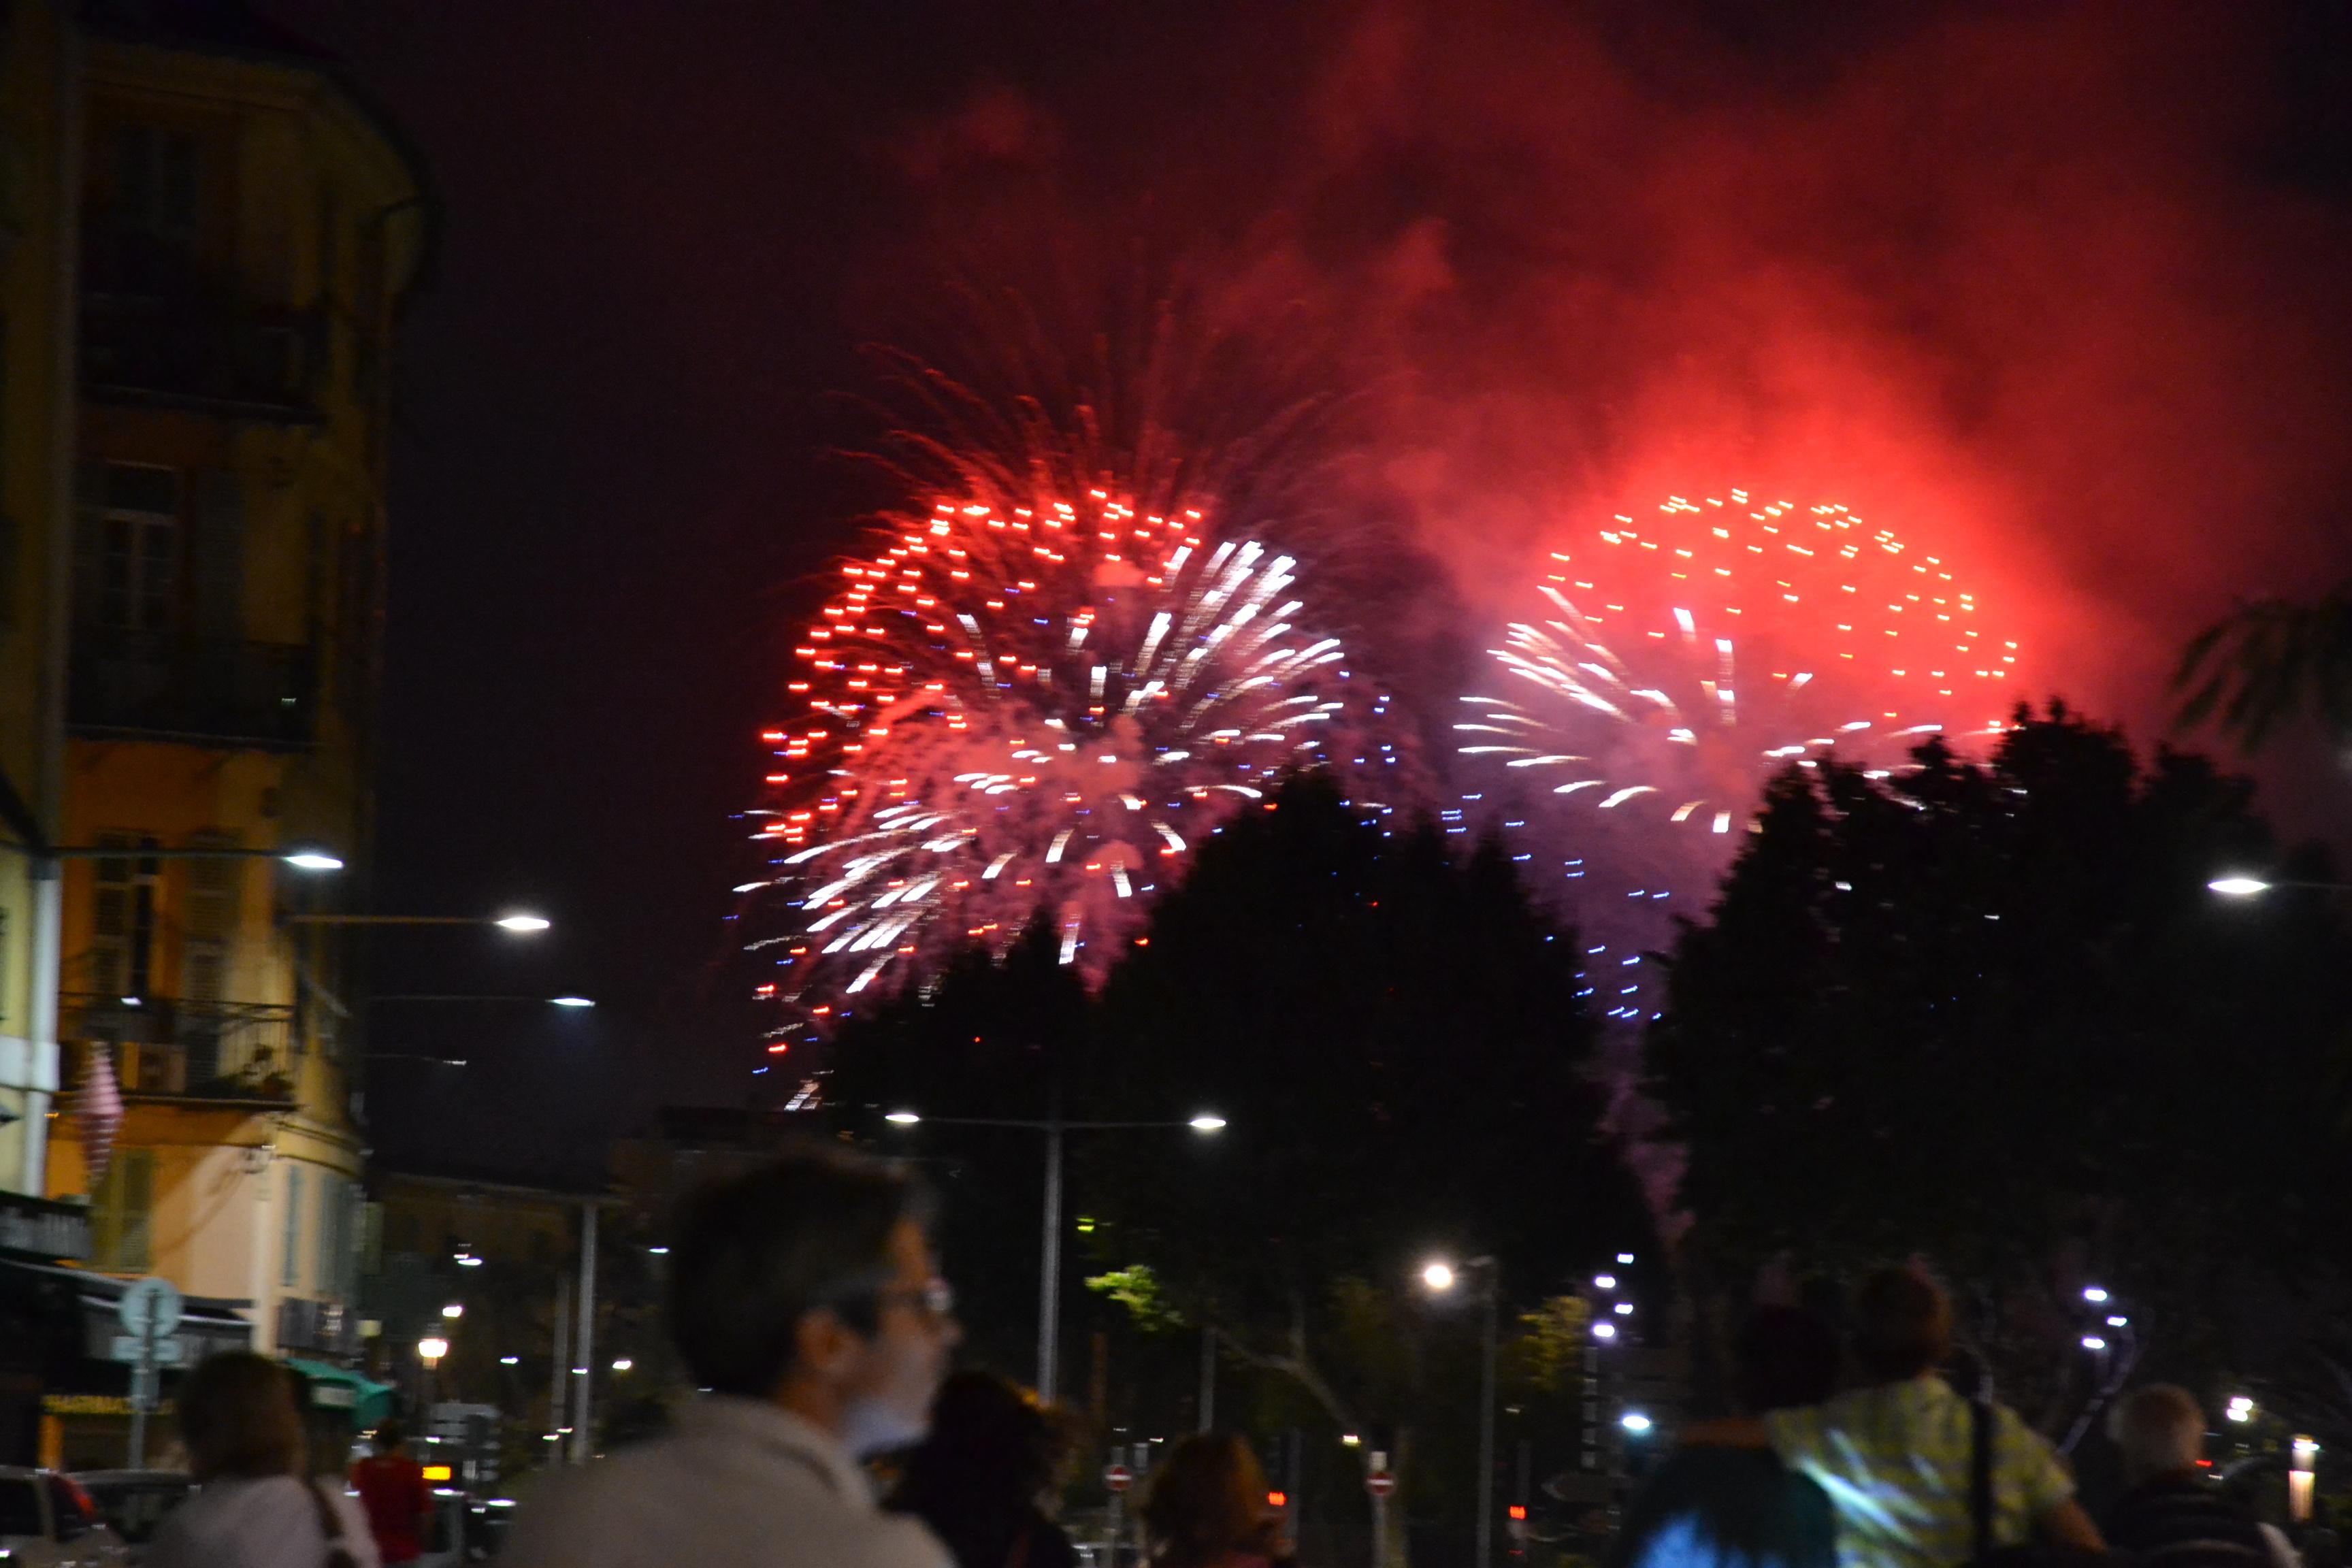 14 Juillet 2014 Franska Nationaldagen Fran Var Gata I Nice